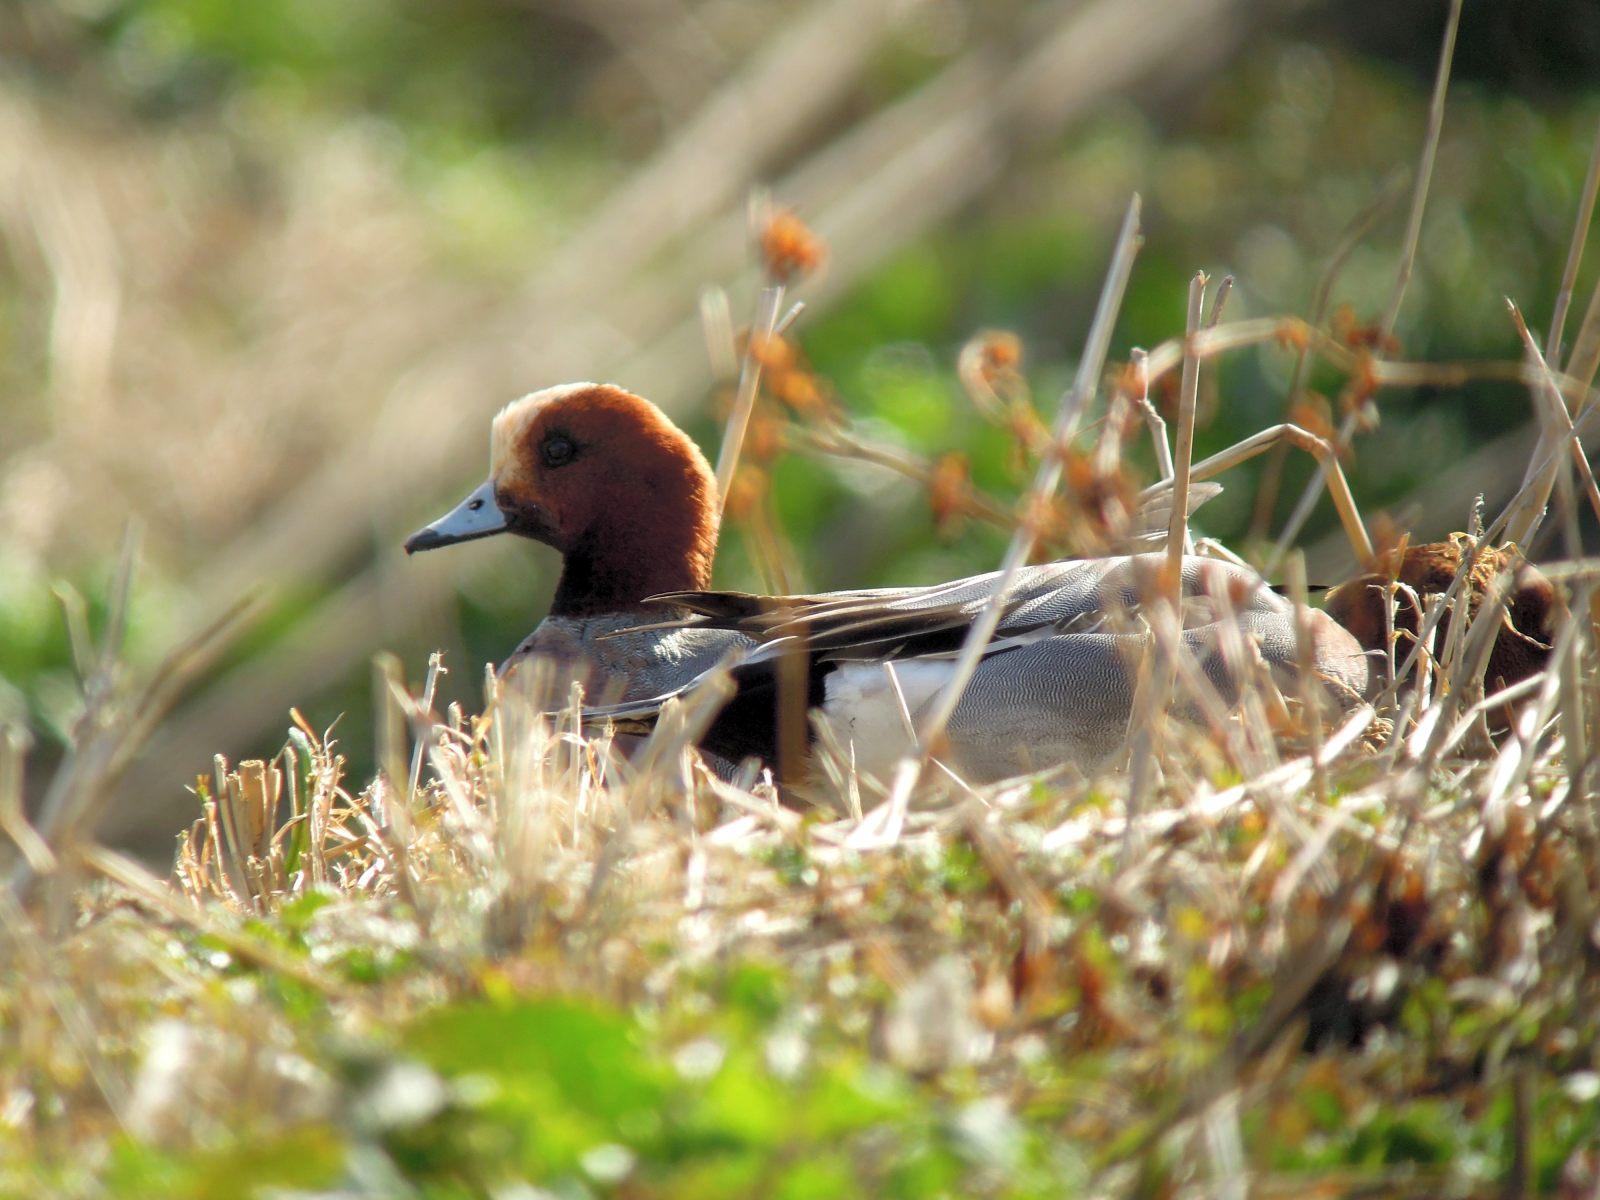 2014年2月7日 コゲラ/小啄木鳥/Japanese Pygmy Woodpecker_f0108797_15430360.jpg